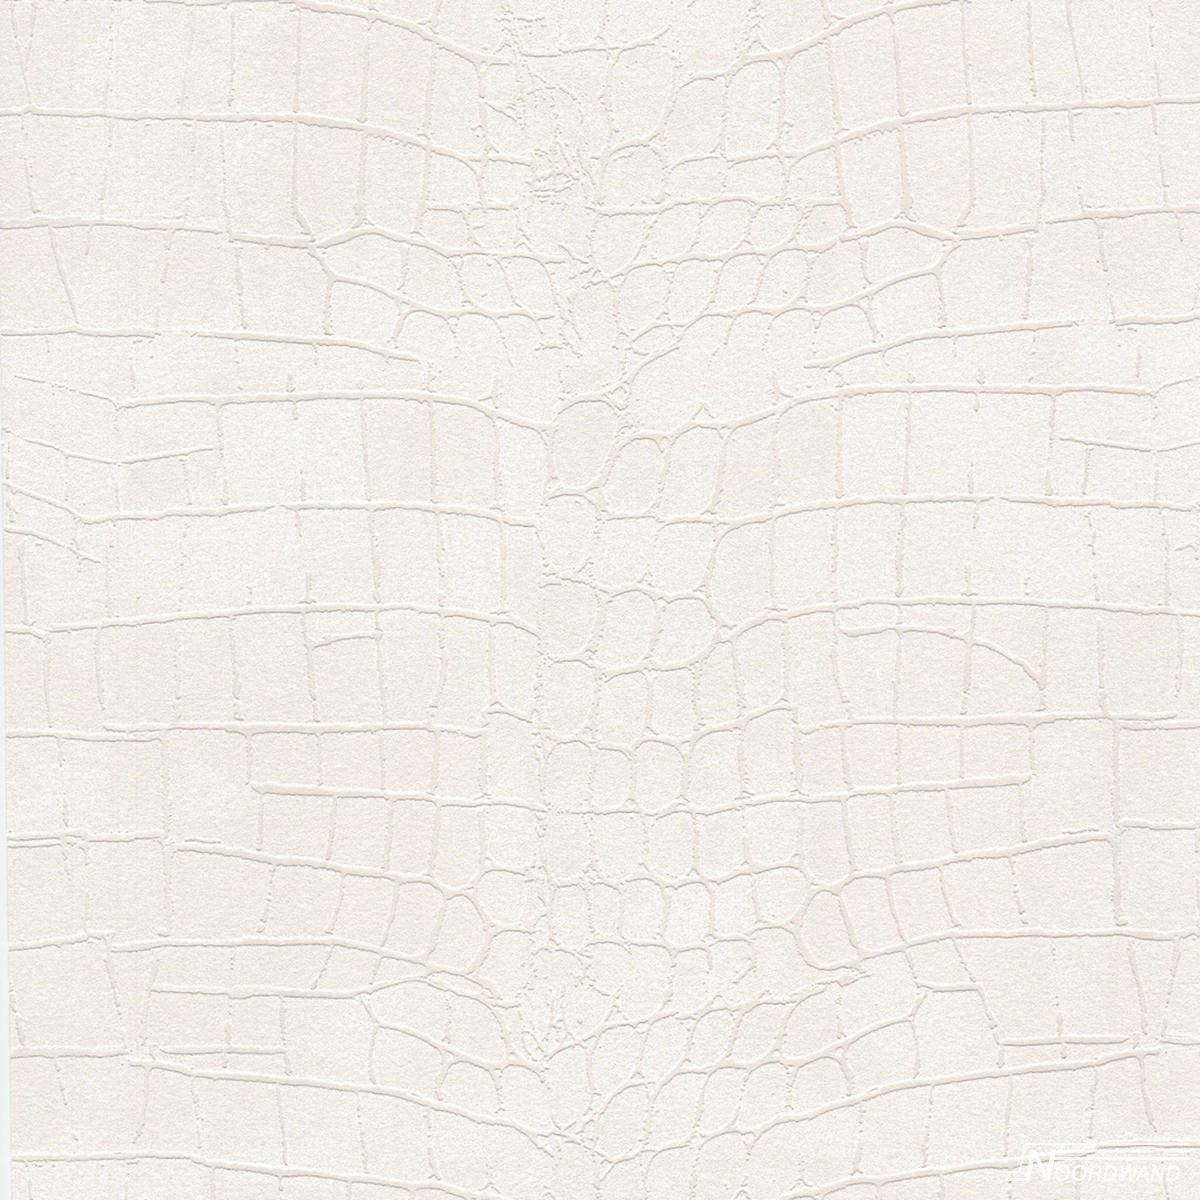 68604 sch ne steintapeten im angebot joratrend tapeten online kaufen im tapetenshop joratrend. Black Bedroom Furniture Sets. Home Design Ideas